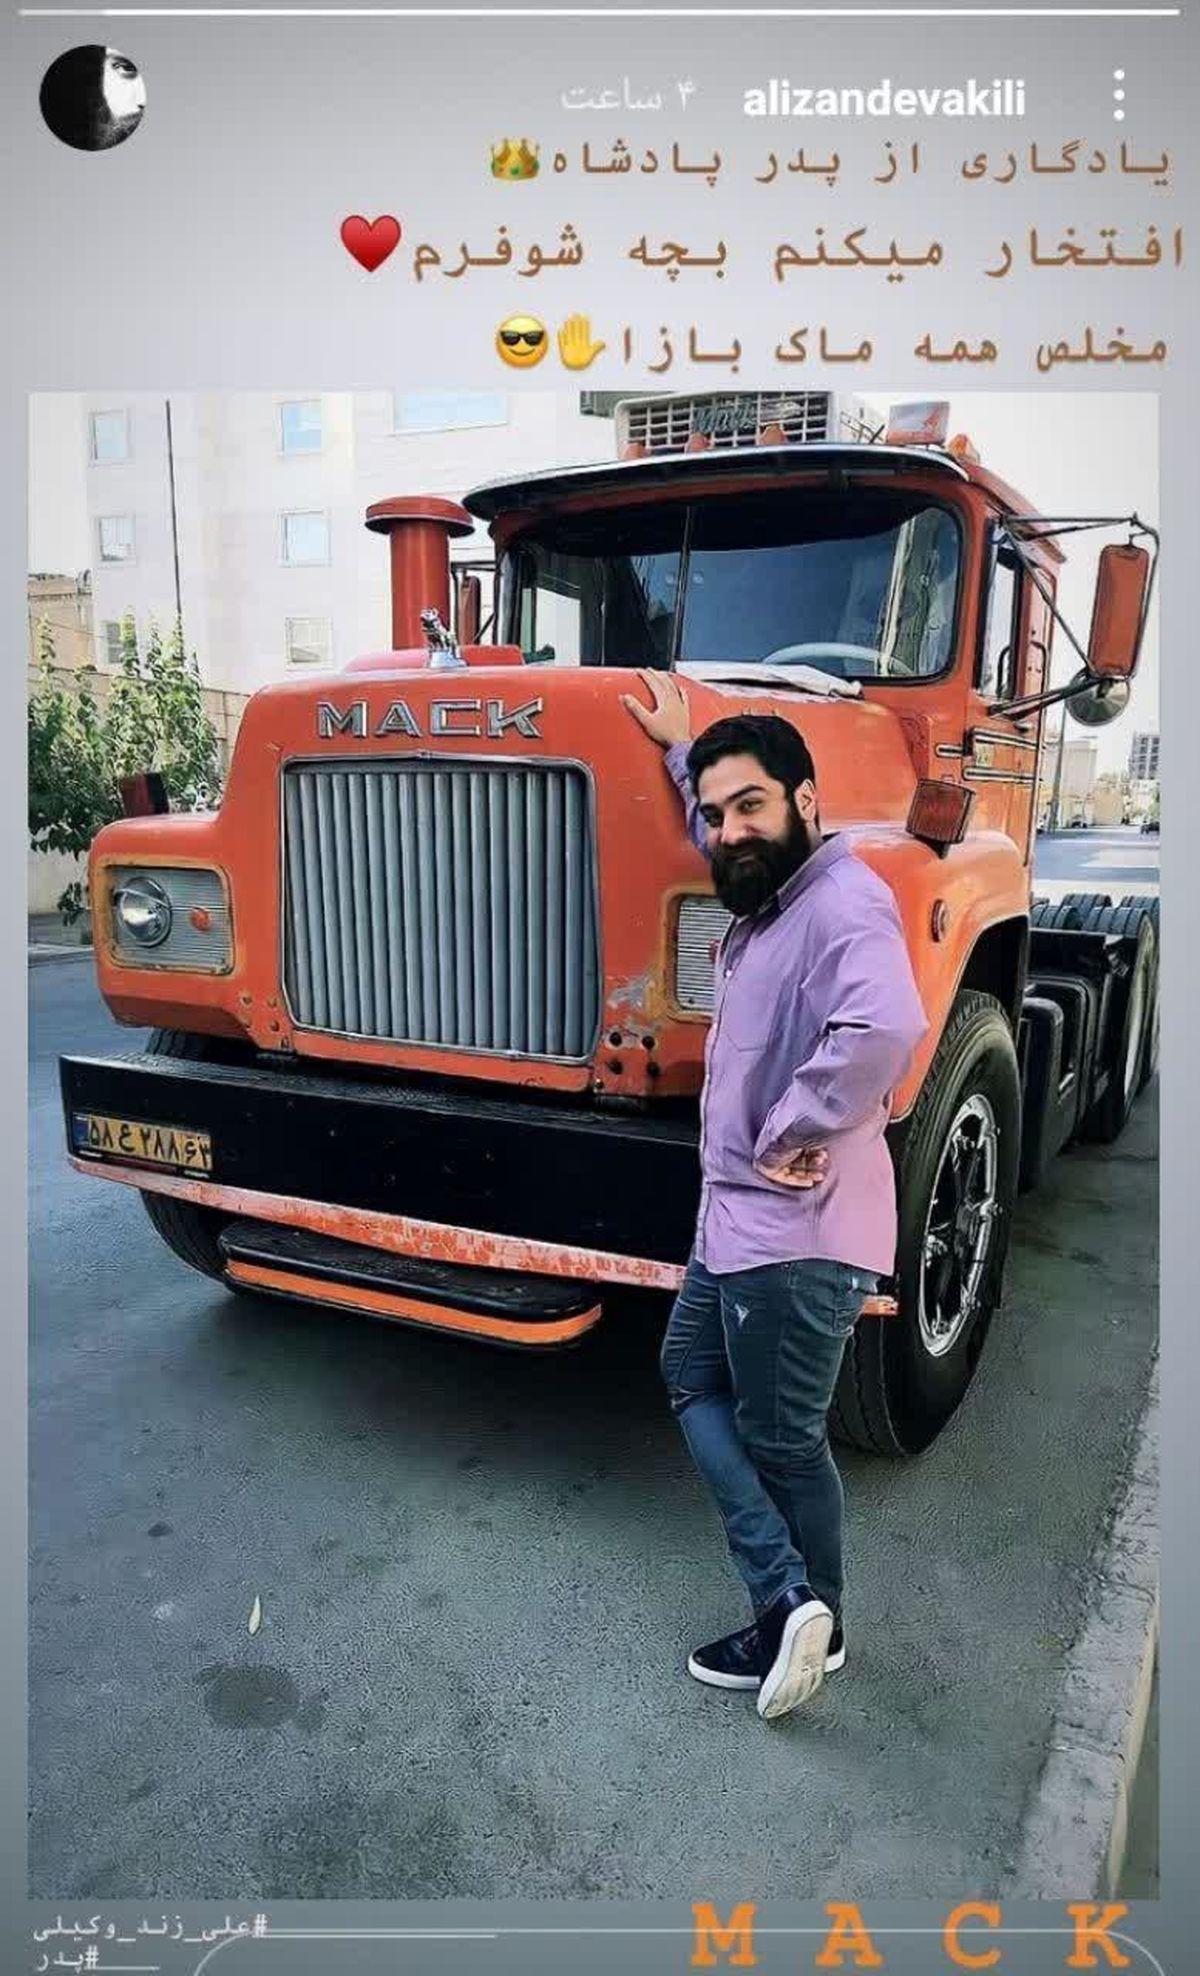 ماشین یادگاری پدر خواننده معروف +عکس